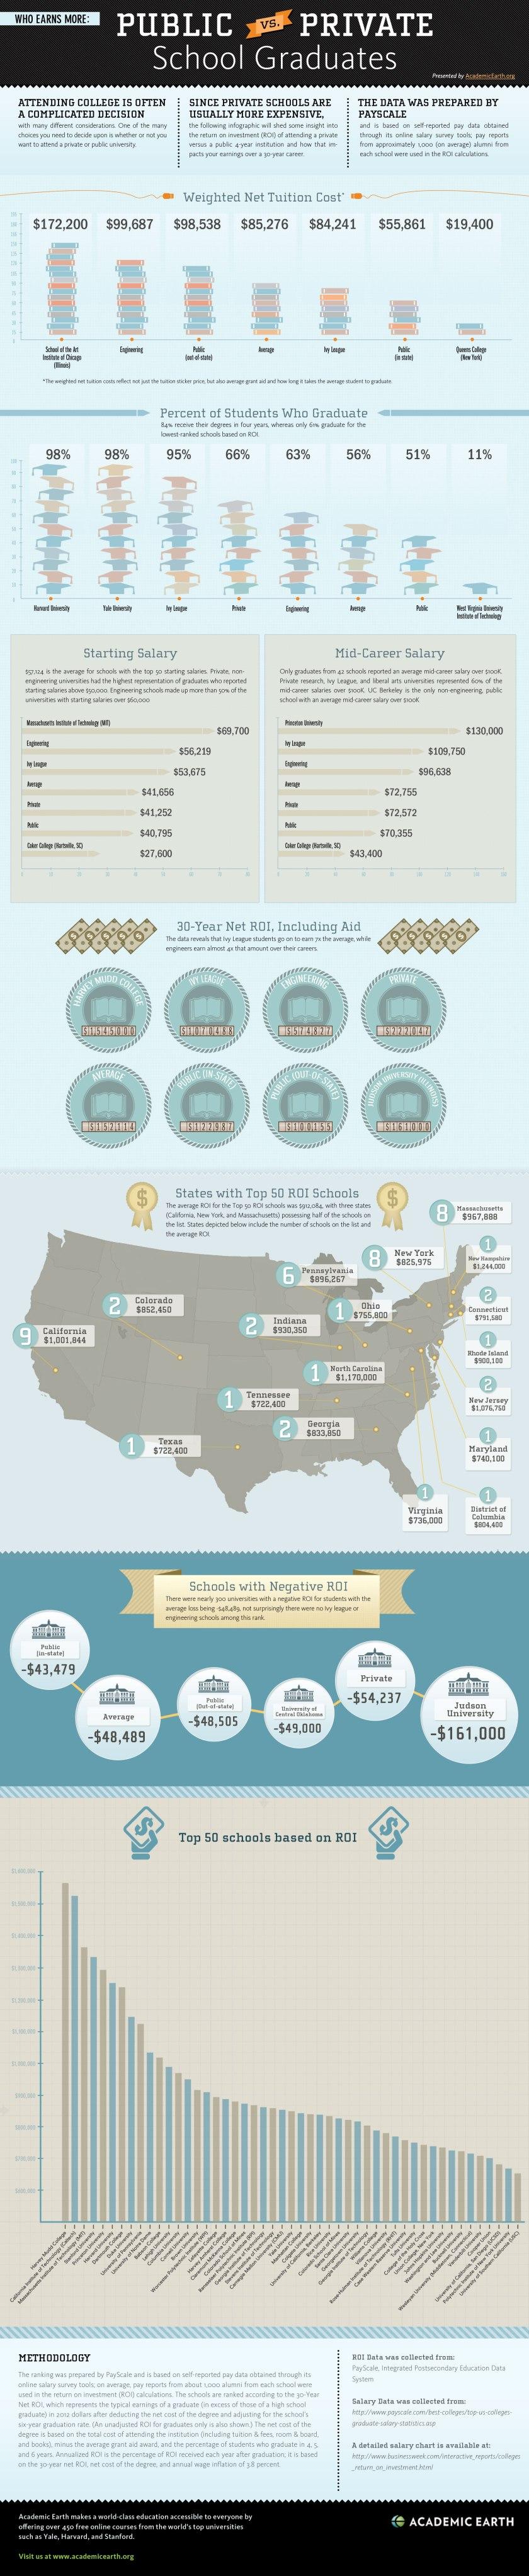 who-earns-more-public-vs-private-school-graduates_50d11fecad404